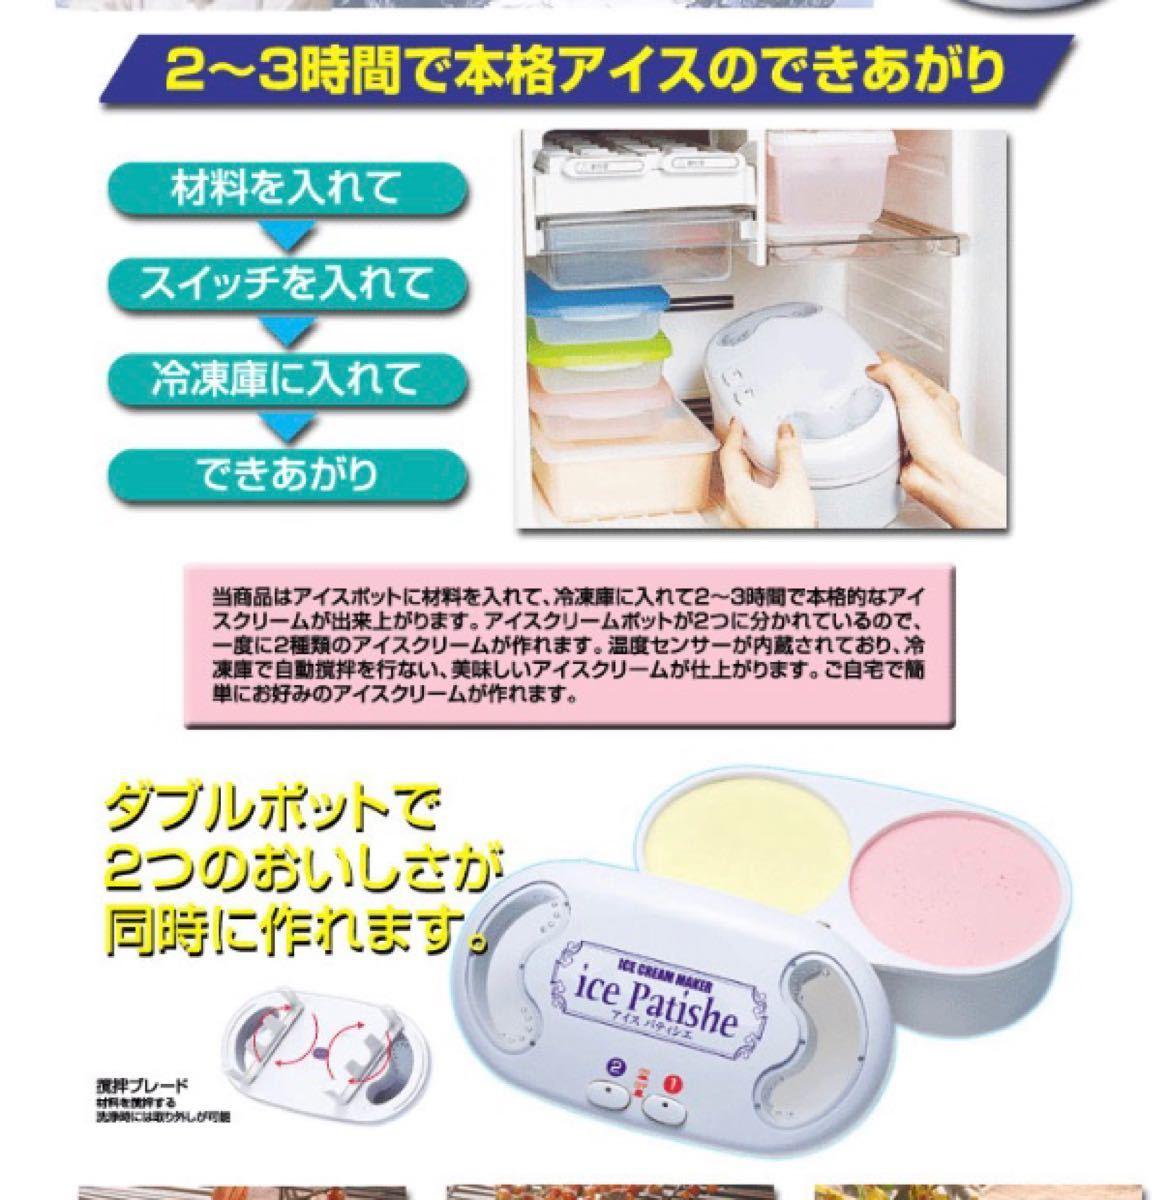 コードレス お好みの材料でアイスクリームが作れる アイスクリームメーカー